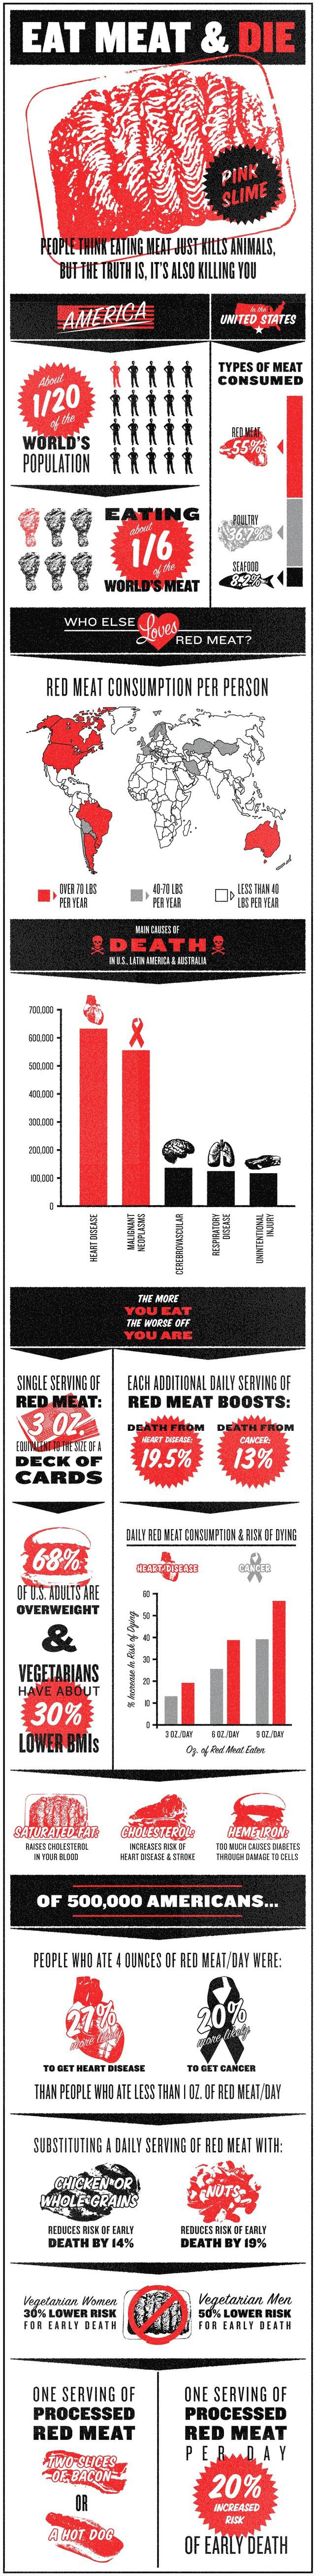 Eat Meat & Die - How Eating Red Meat is Killing Americans